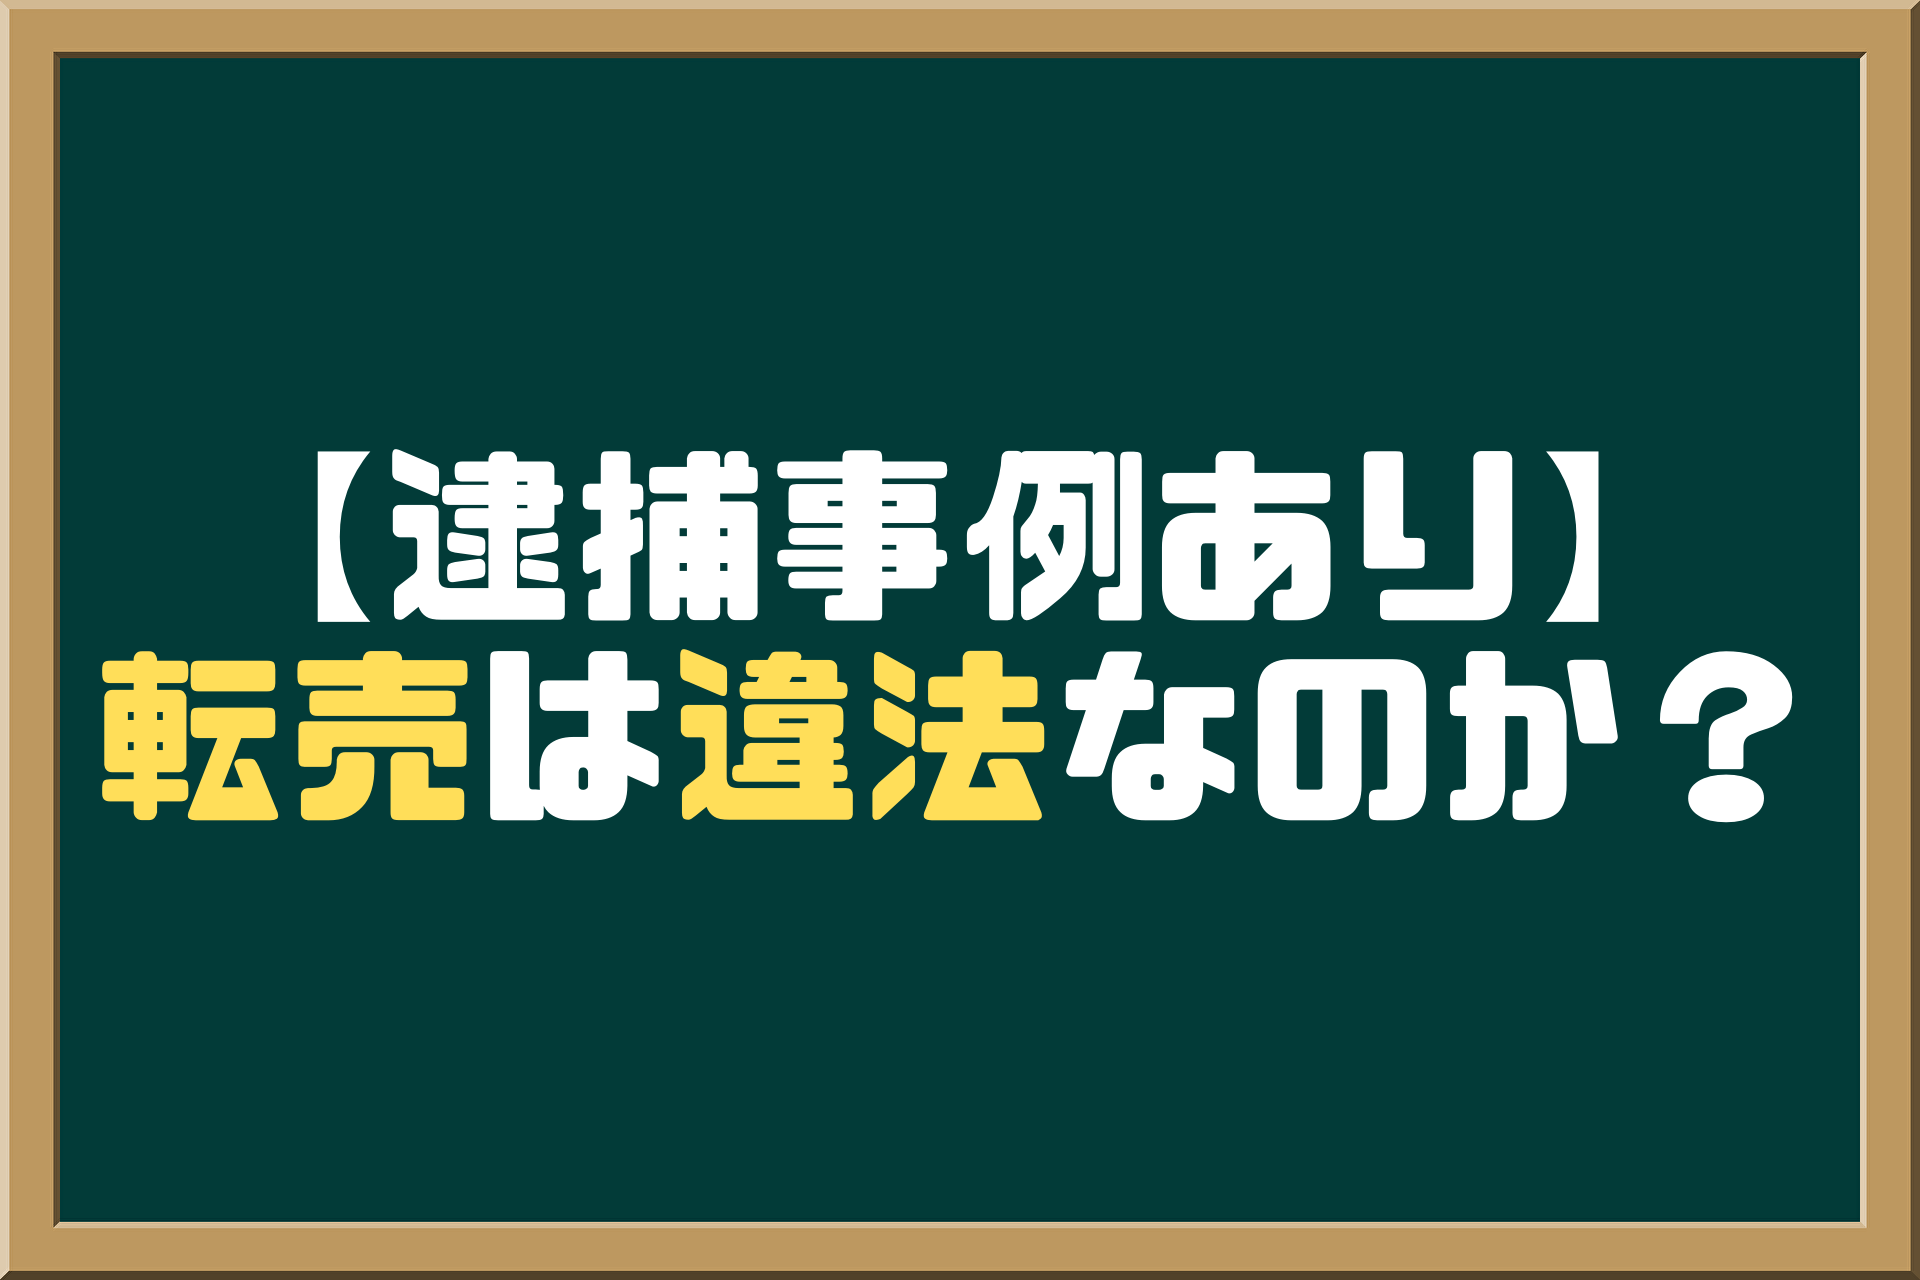 【逮捕事例】チケット、お酒の転売は違法!?知らなかったじゃ済みません!!